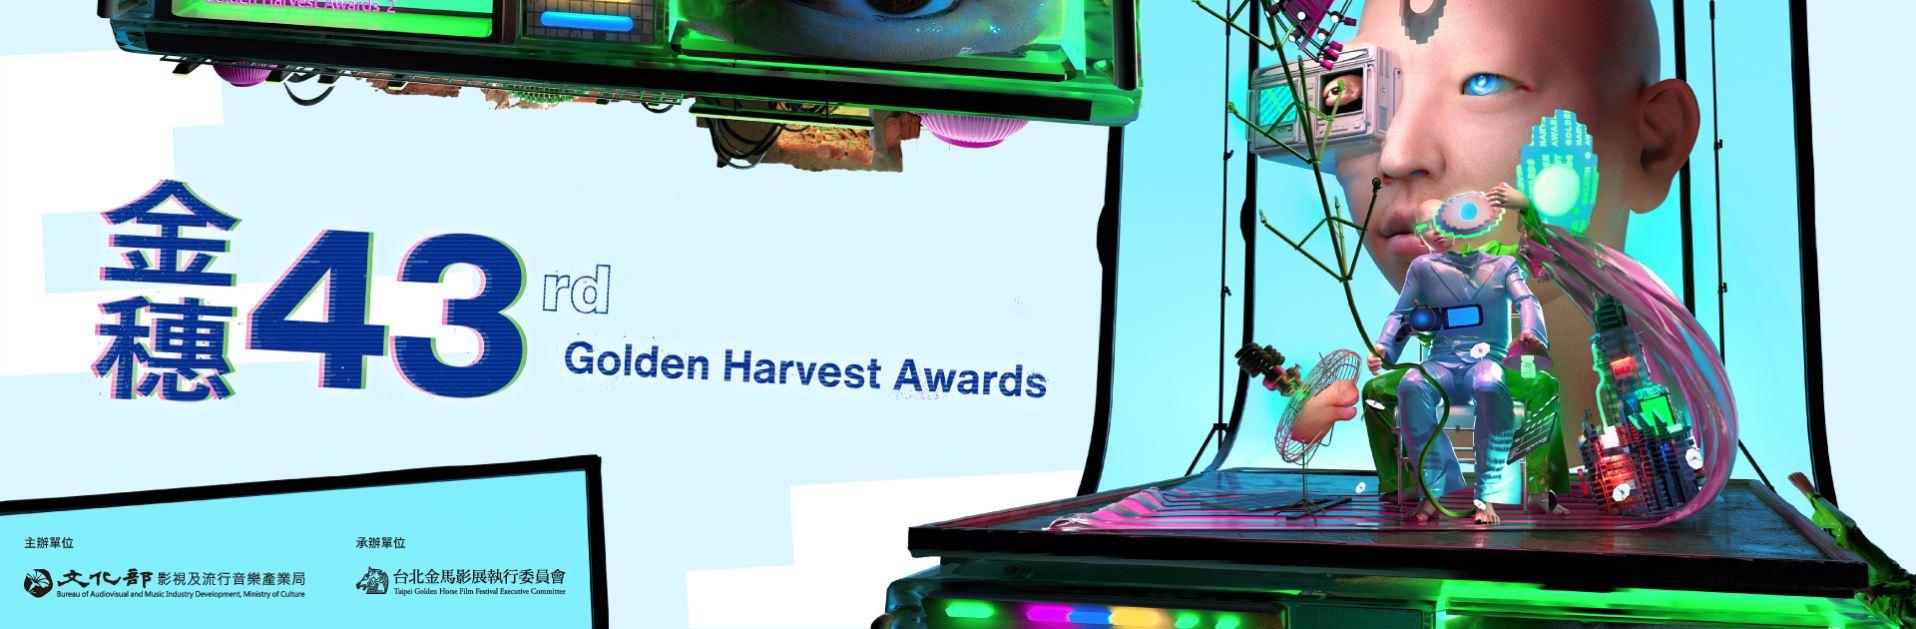 Golden Harvest Awards